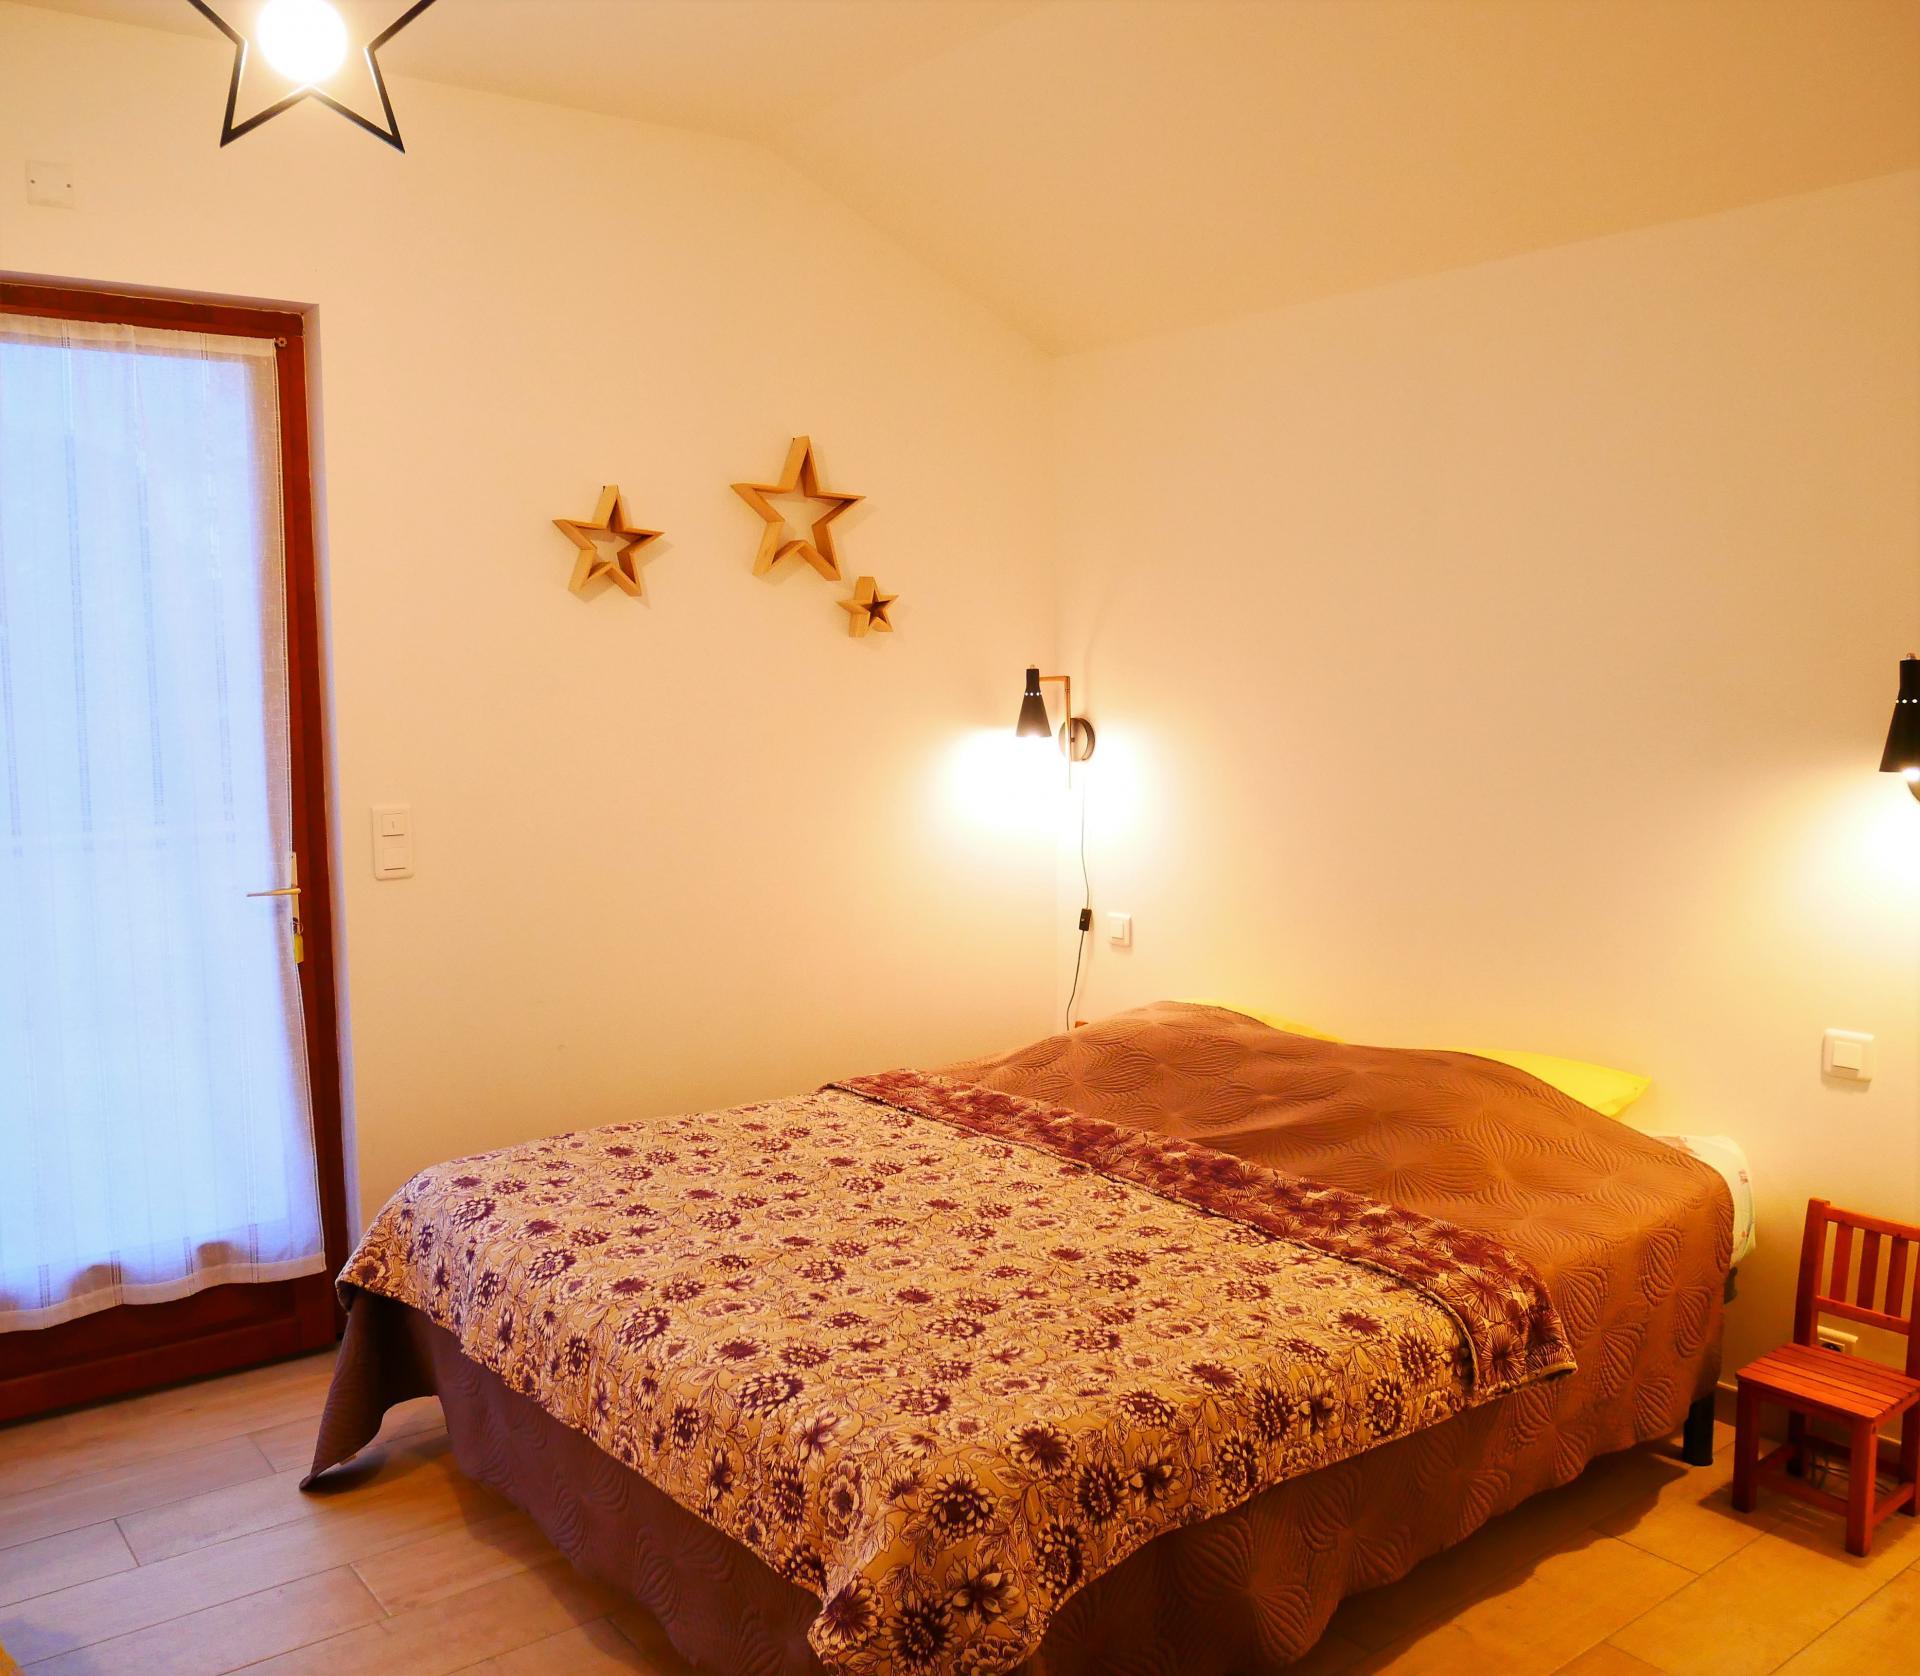 7 chambres spacieuses et dotées de rangement